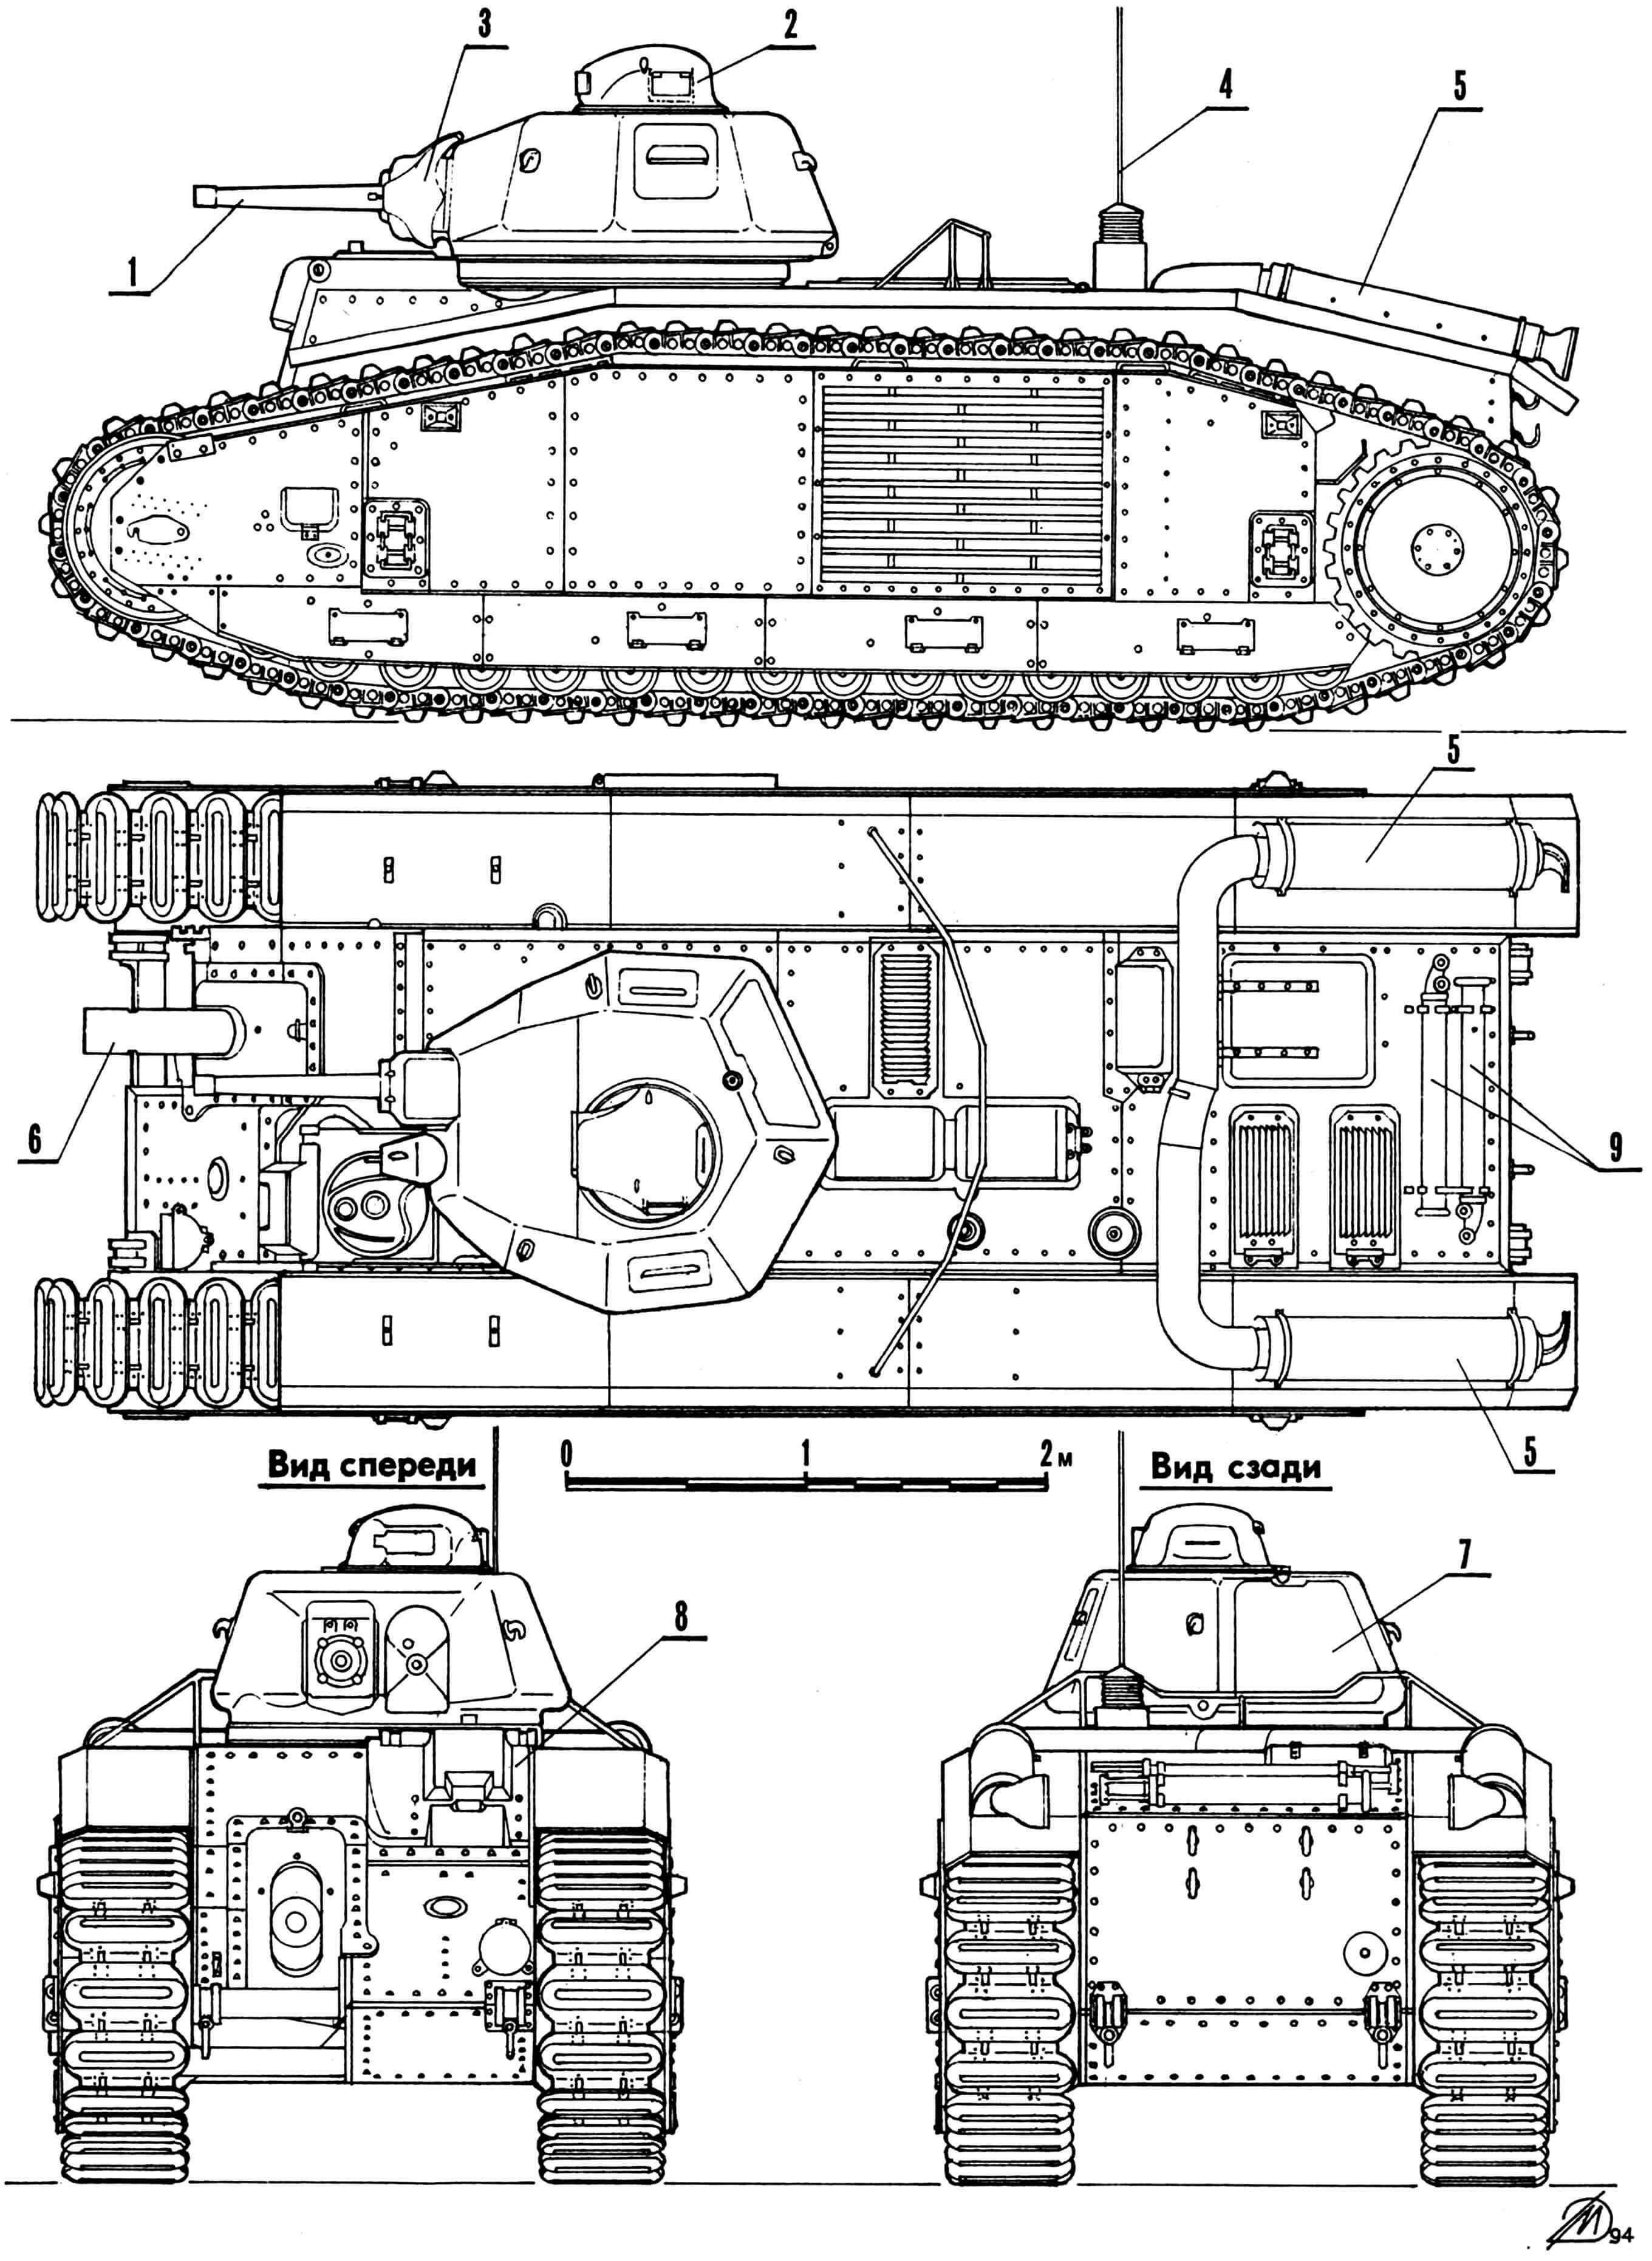 Тяжелый танк B1bis